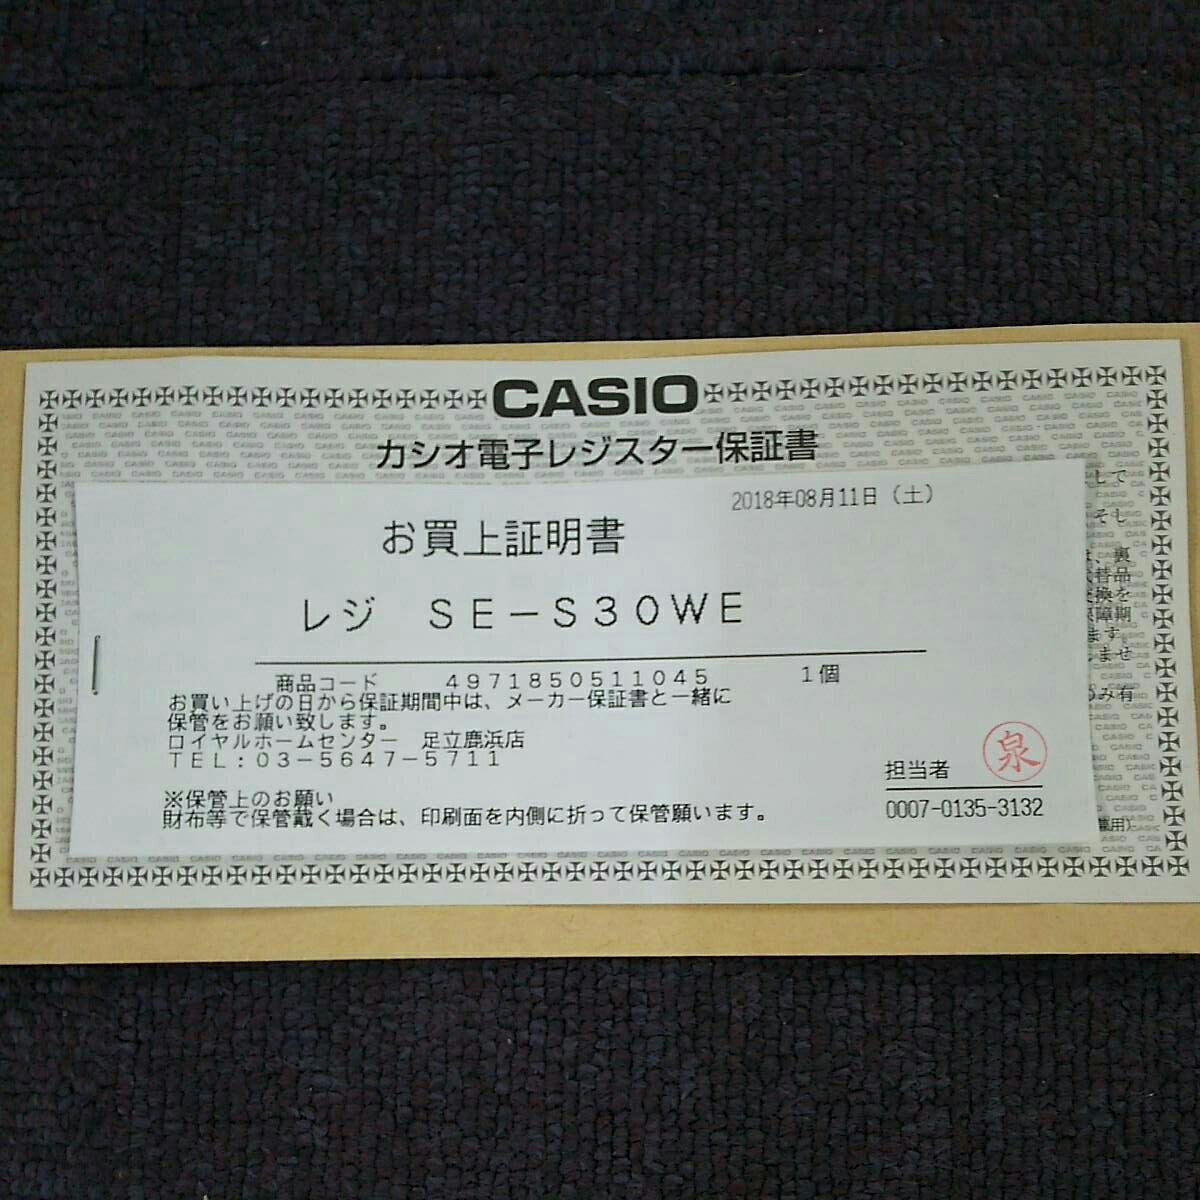 カシオ電子レジスター SE-S30WE ロールペーパー5個付き。_画像3